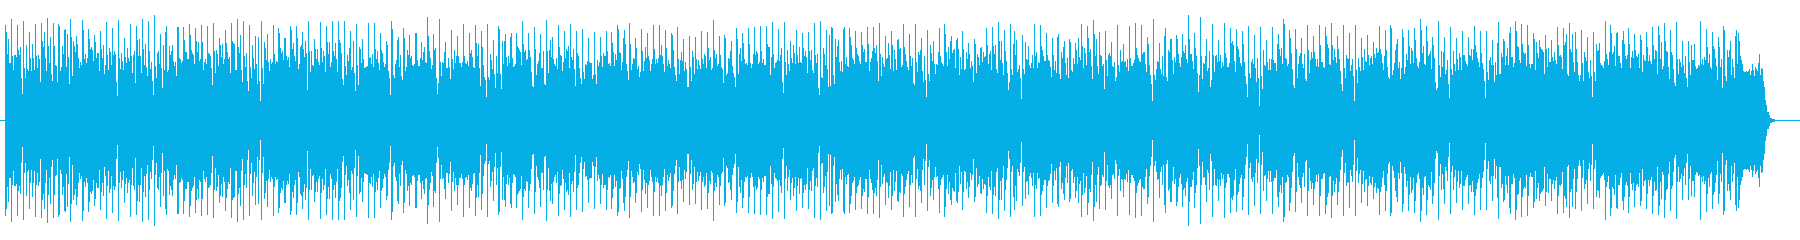 和風でアップテンポな三味線テクノの再生済みの波形